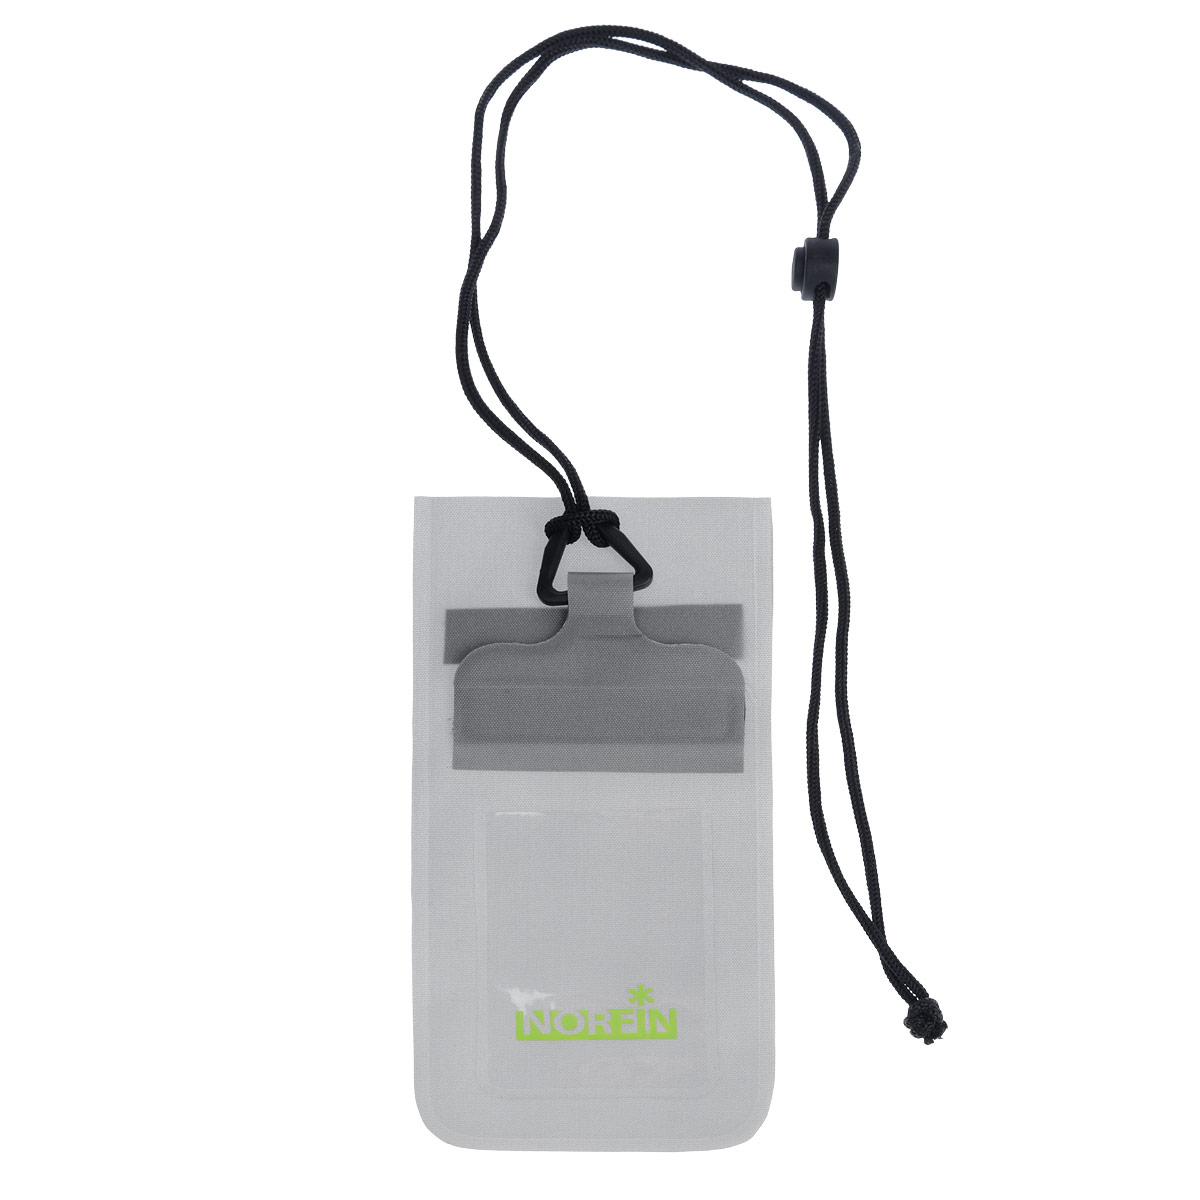 Гермочехол Norfin Dry Case 02, цвет: серый, 23,5 см х 11 смNF-40307Гермочехол нагрудный Norfin Dry Case 02 предназначен для защиты небольших предметов от воды: документы, телефон, плеер и так далее. Идеален для защиты телефонов самого маленького и большого размера, с размером диагонали до 5. Пленка гермочехла чувствительна к теплу рук, можно пользоваться телефоном с сенсорным экраном не вынимая его из чехла.